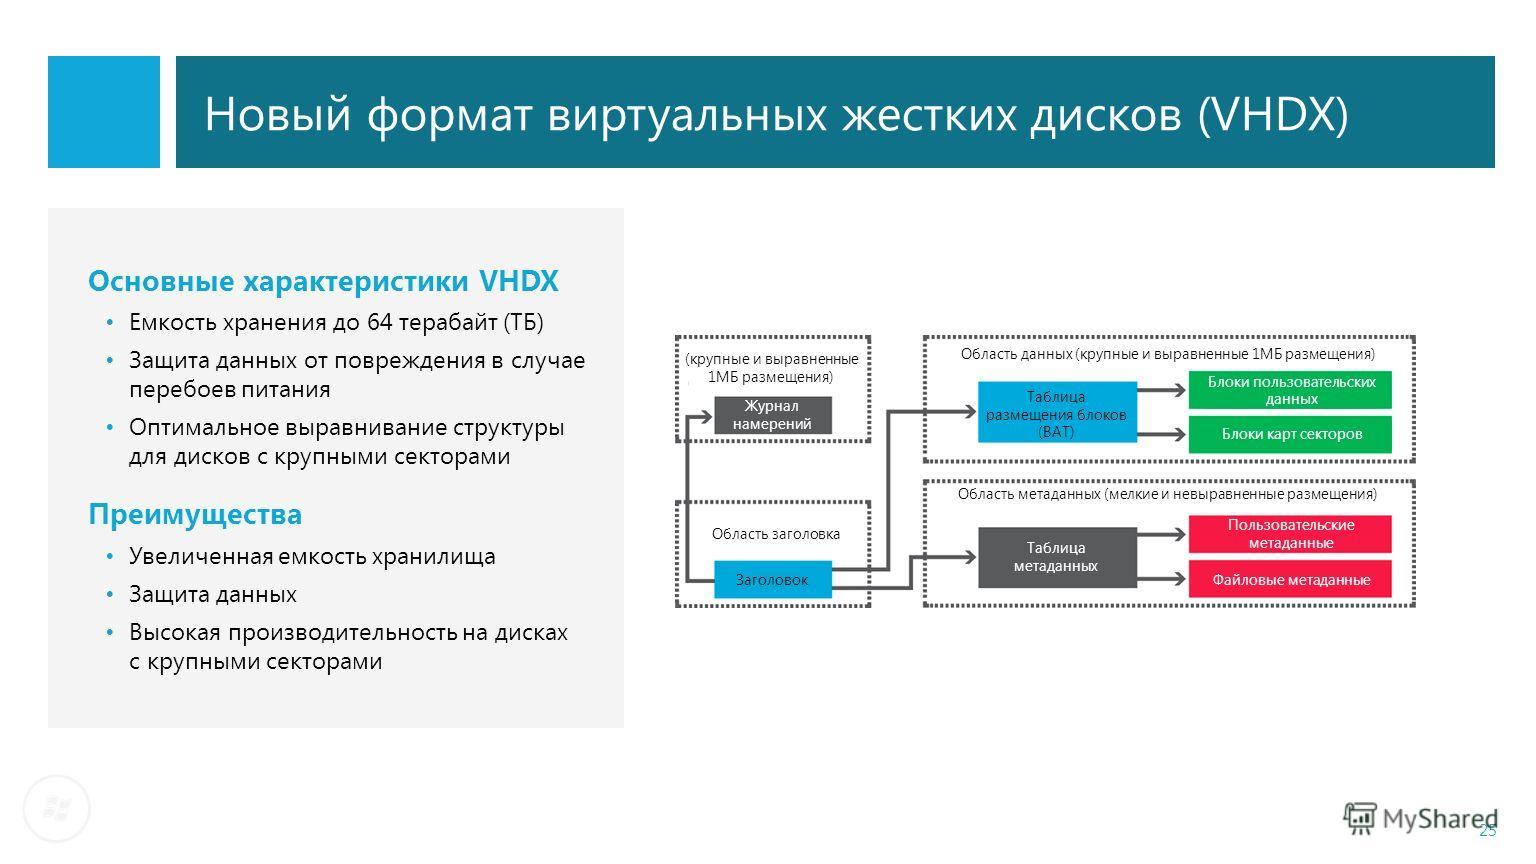 Новый формат виртуальных жестких дисков (VHDX) Основные характеристики VHDX Емкость хранения до 64 терабайт (ТБ) Защита данных от повреждения в случае перебоев питания Оптимальное выравнивание структуры для дисков с крупными секторами Преимущества Ув